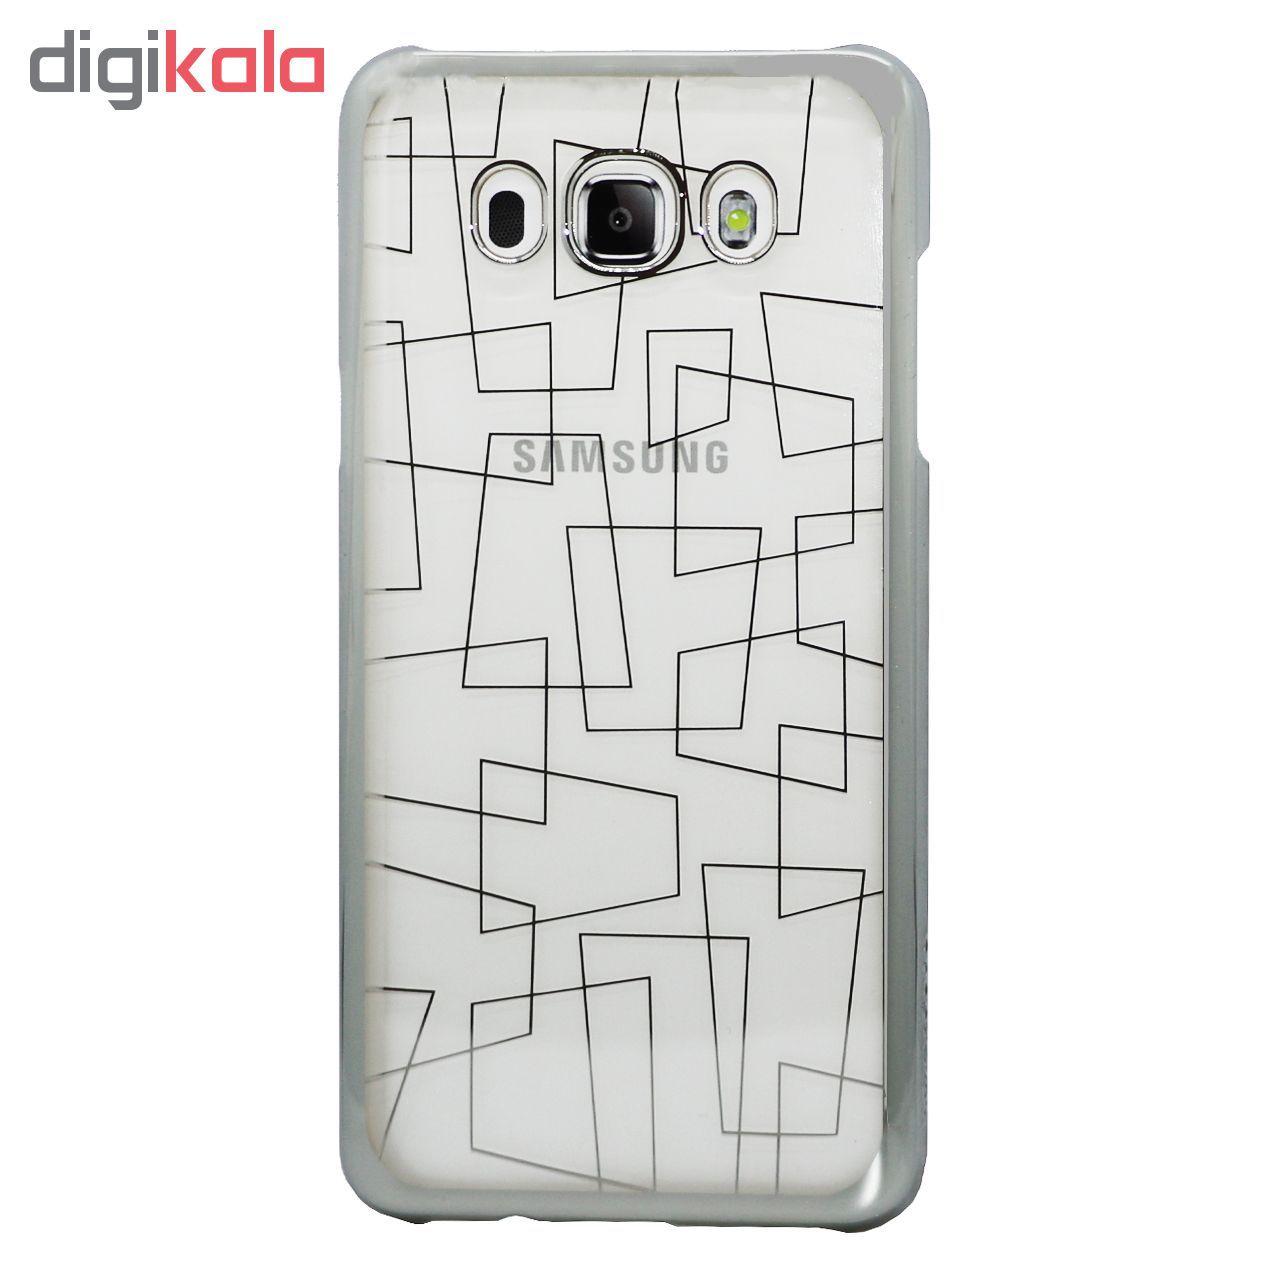 کاور مدل Pre-002 مناسب برای گوشی موبایل سامسونگ Galaxy J7 2015 main 1 1